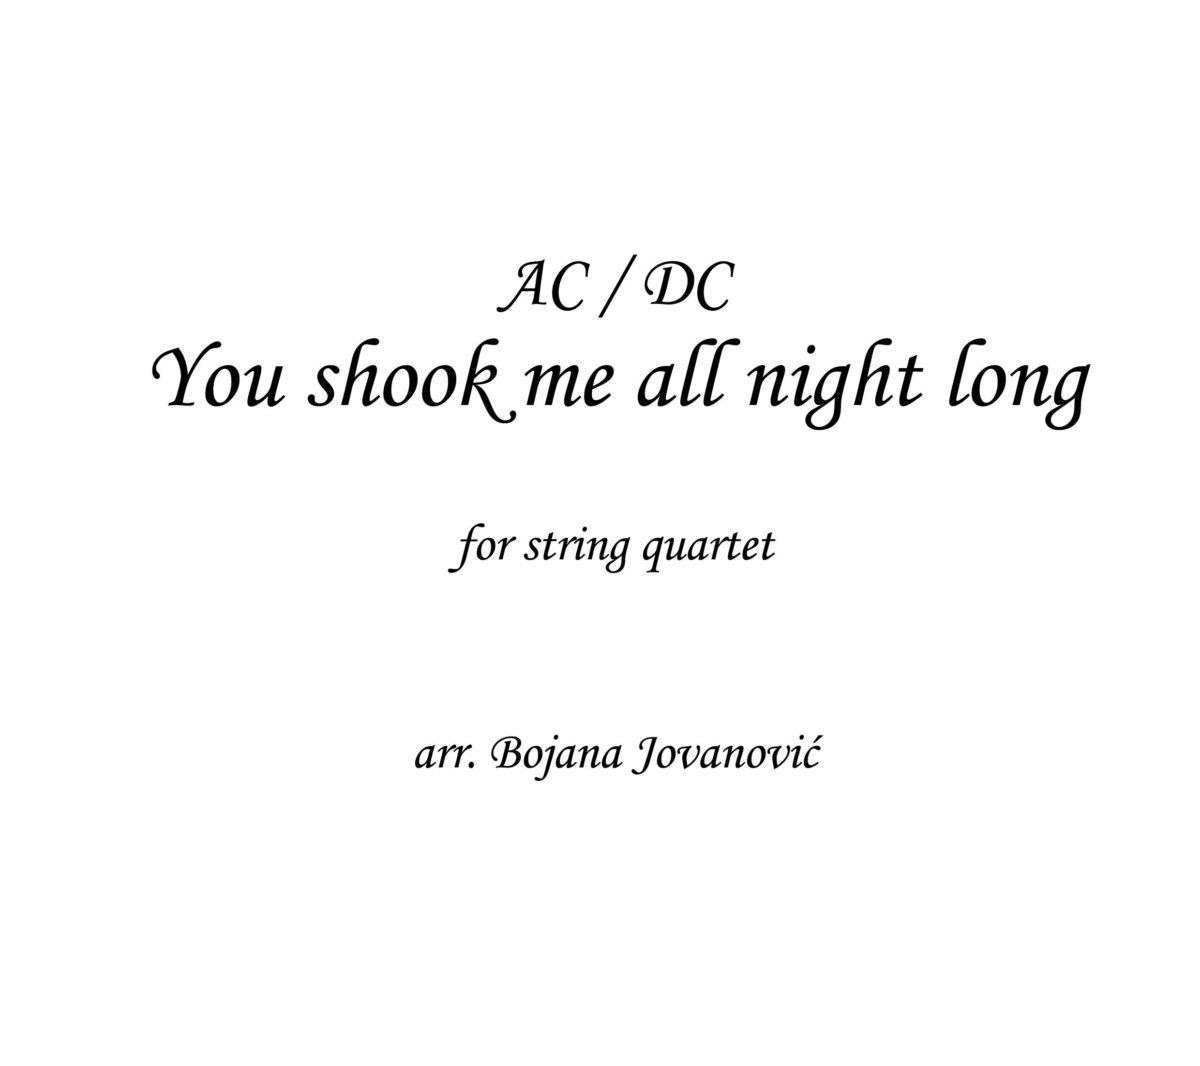 You shook me all night long (AC/DC) - Sheet Music